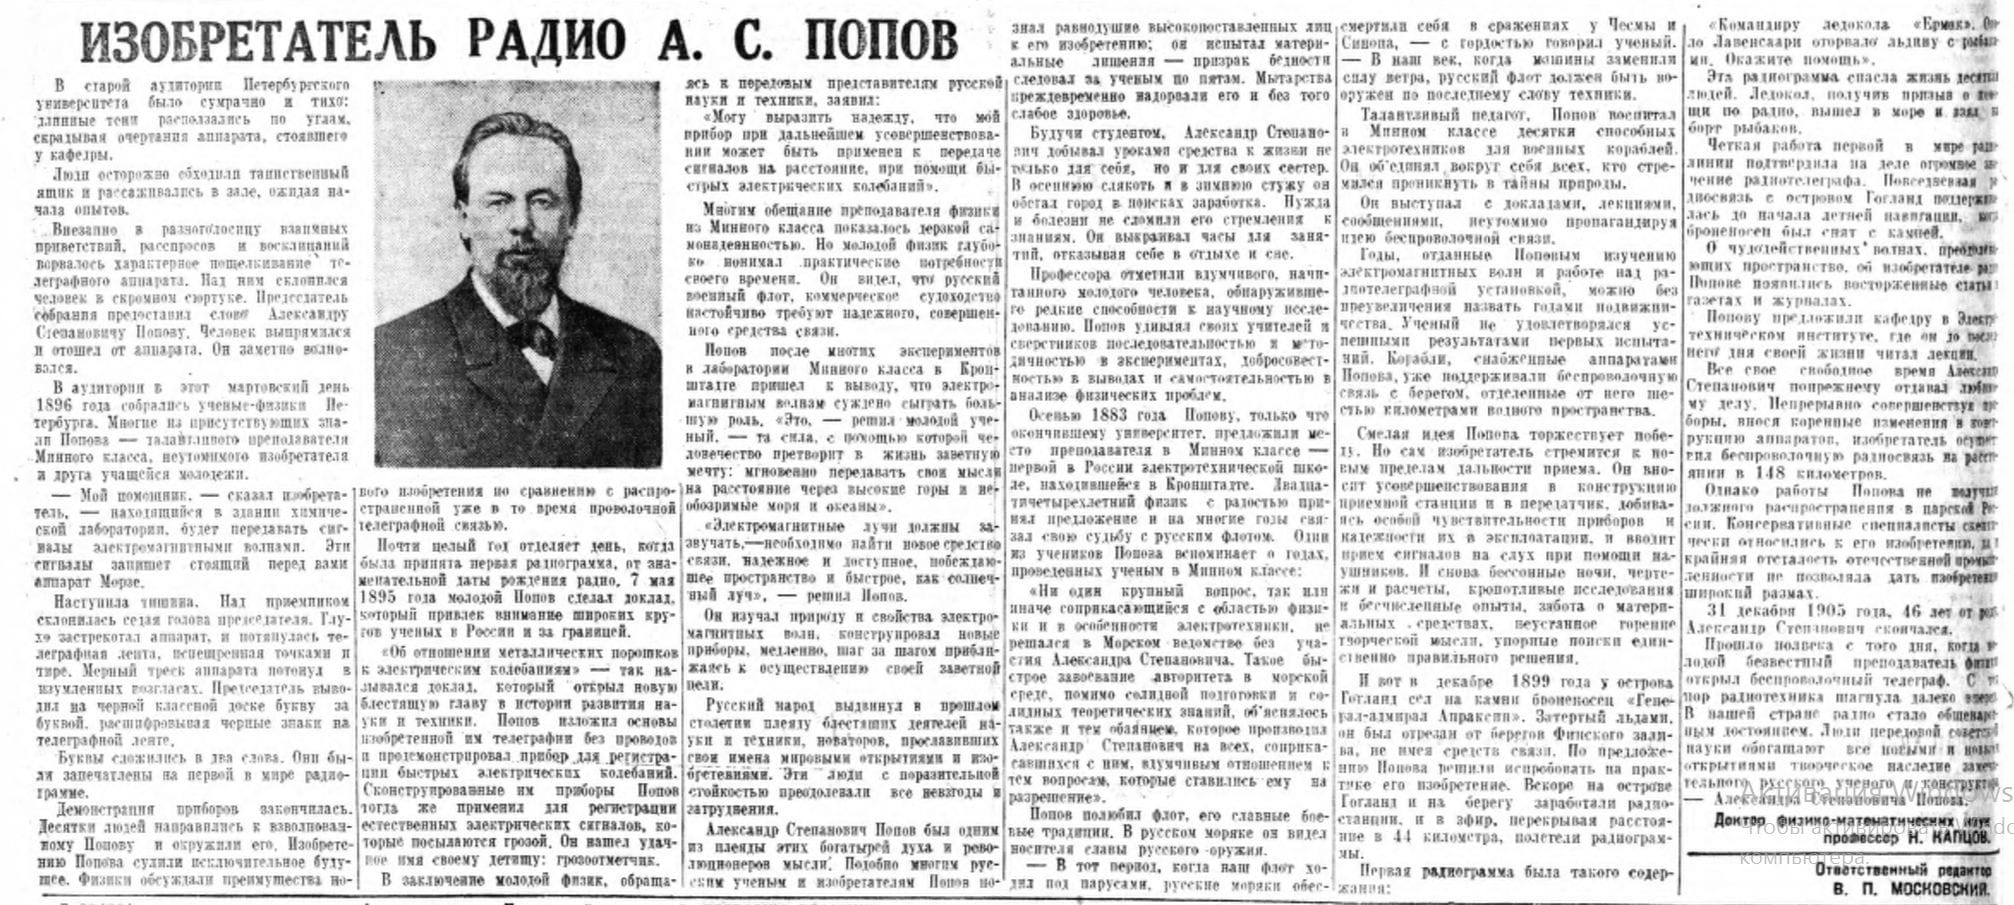 Изобретатель радио А.С. Попов. Профессор Н. Капцов (Газета «Сталинский сокол» от 09 мая 1945 года)